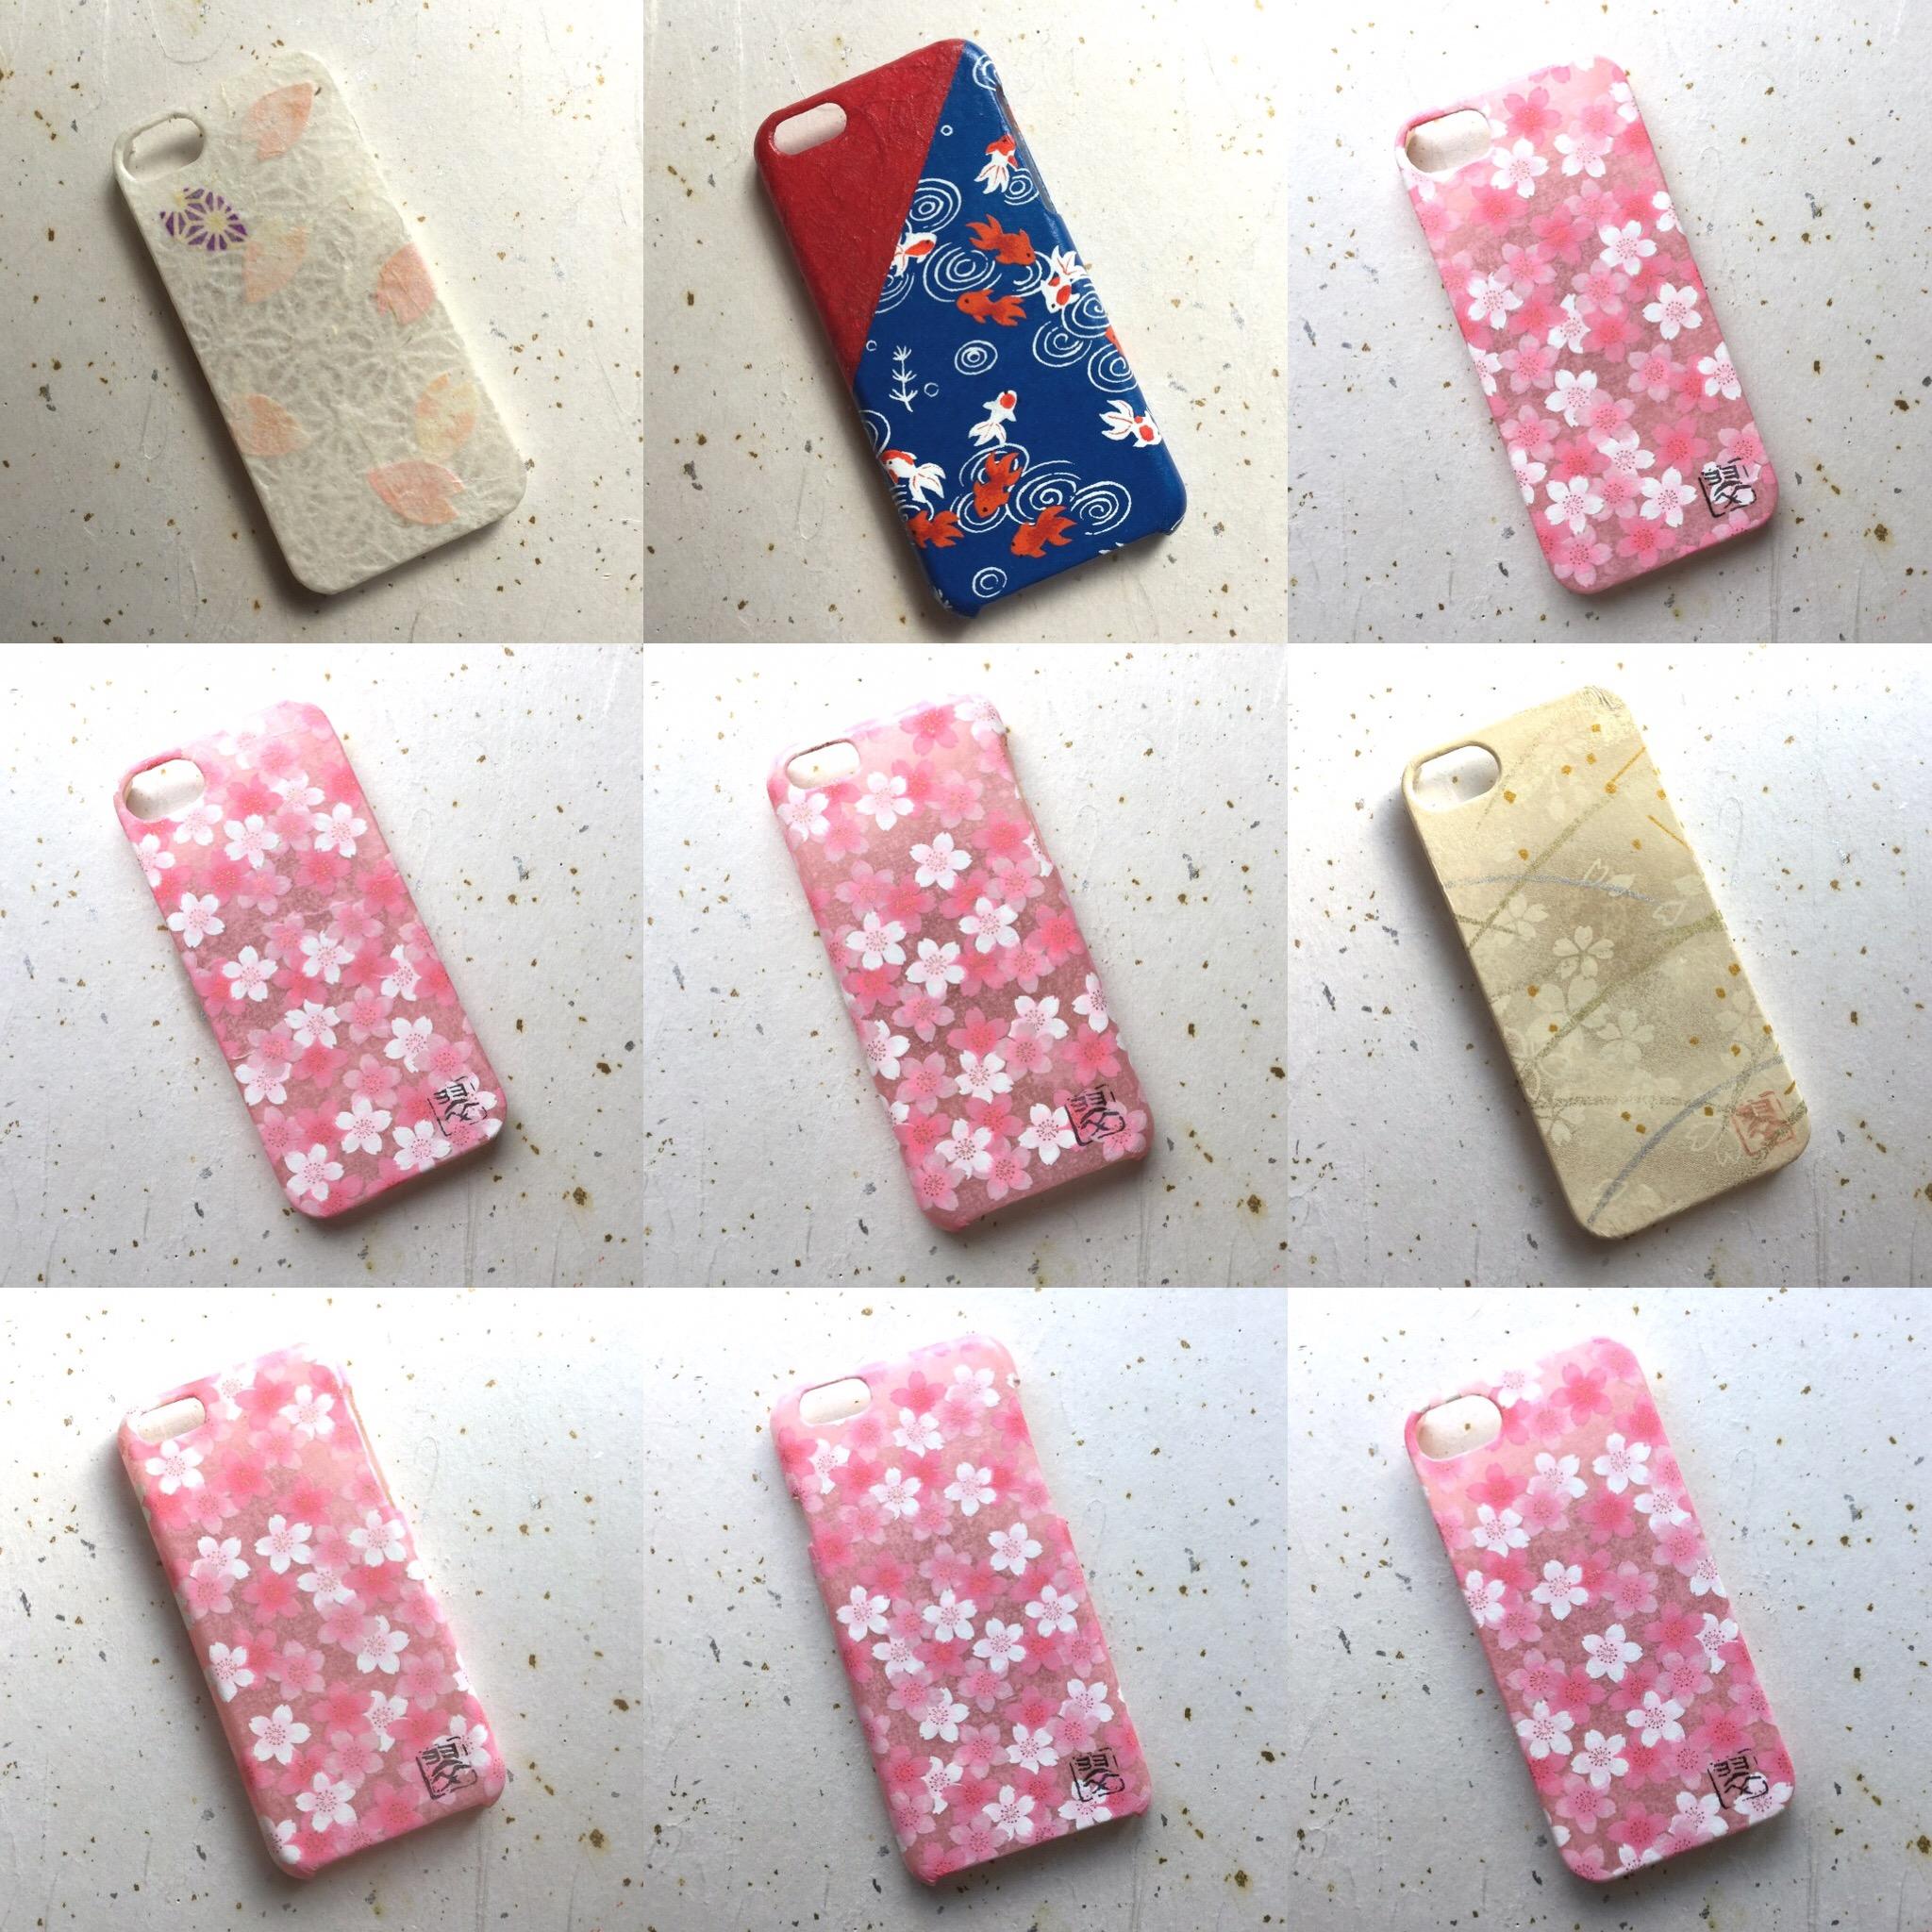 受注製作iPhone・スマホカバー⑦ 和紙スマホカバー 和紙iPhoneカバー iPhoneカバー スマホカバー 和紙 和柄 和風 友禅和紙 モダン 桜